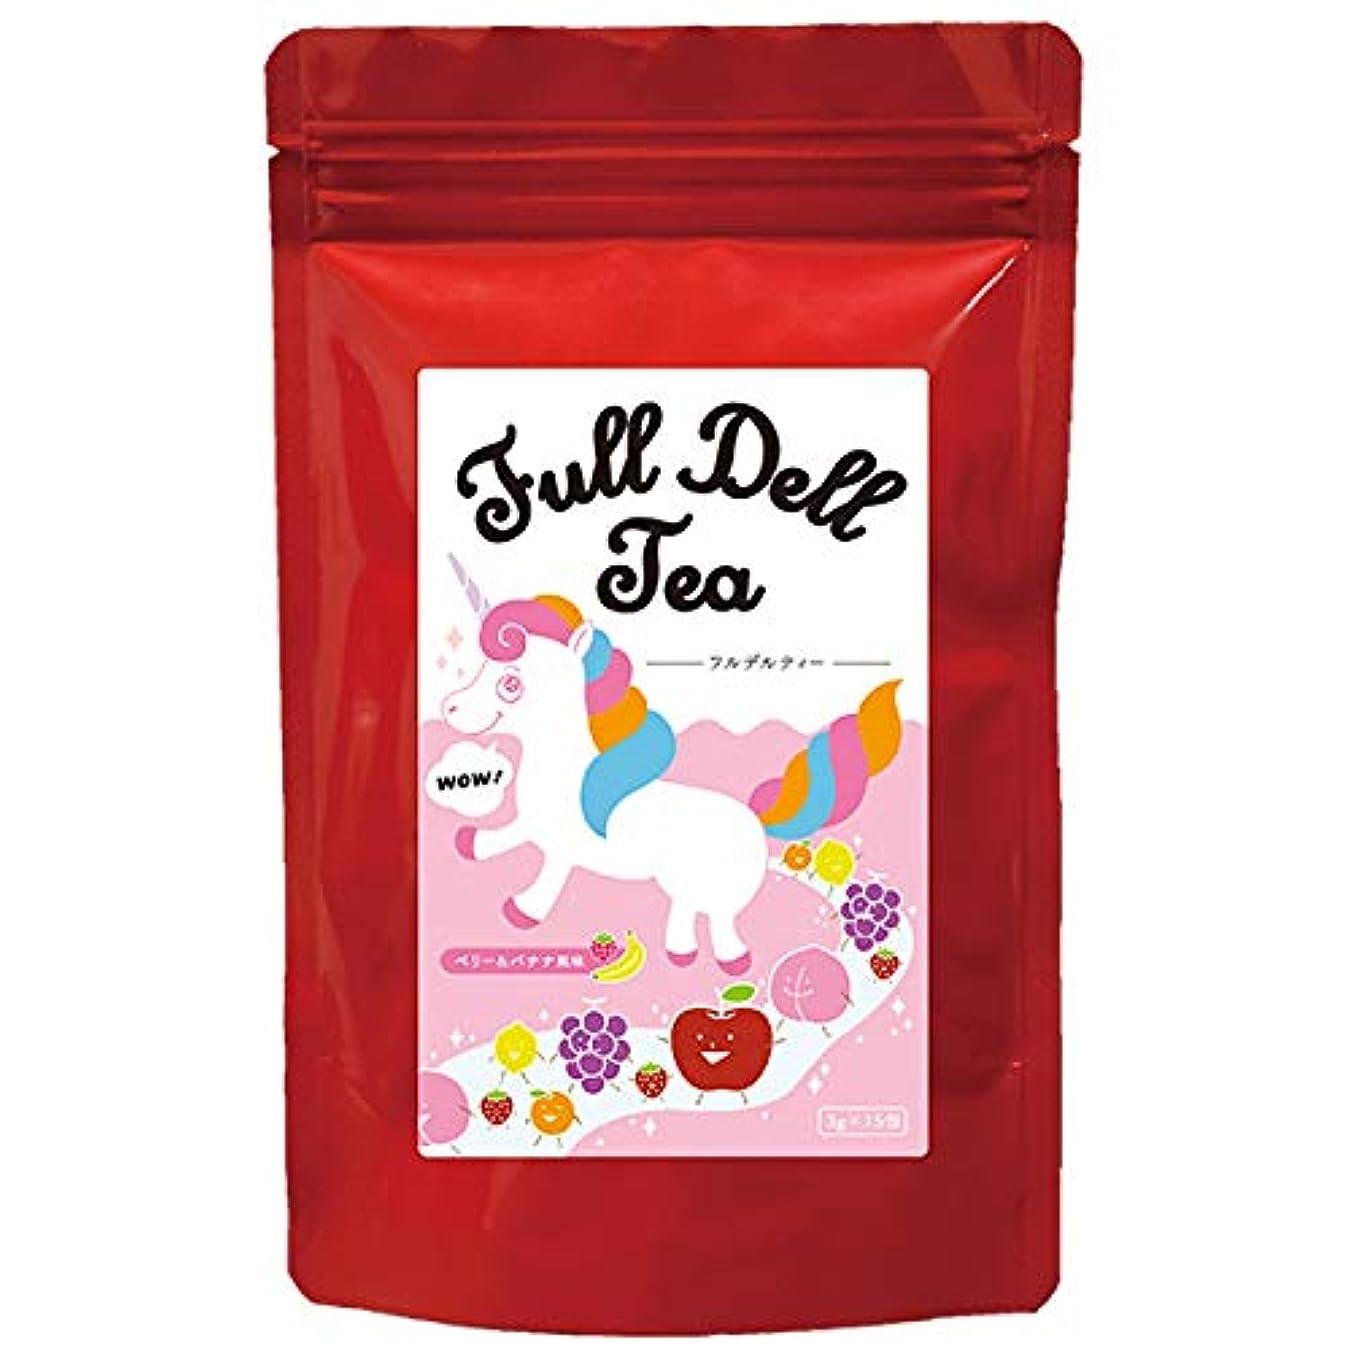 ハウジング機関車協力的美容健康茶 フルデルティー 1袋3.0g×15包入 ダイエット サポートティー 紅茶 デトックス サロン